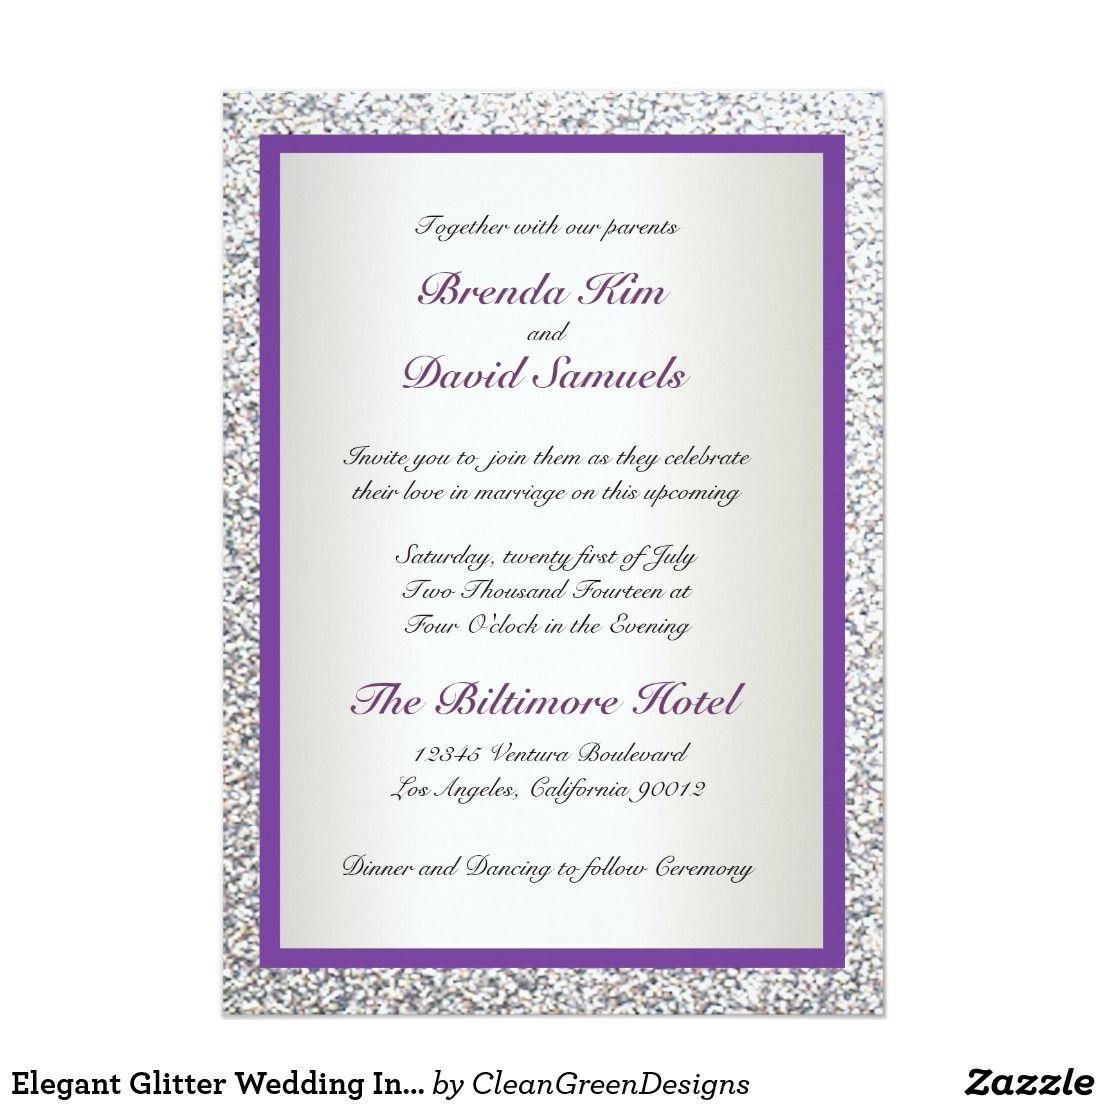 Elegant Glitter Wedding Invitation | Elegant Wedding Invitations ...